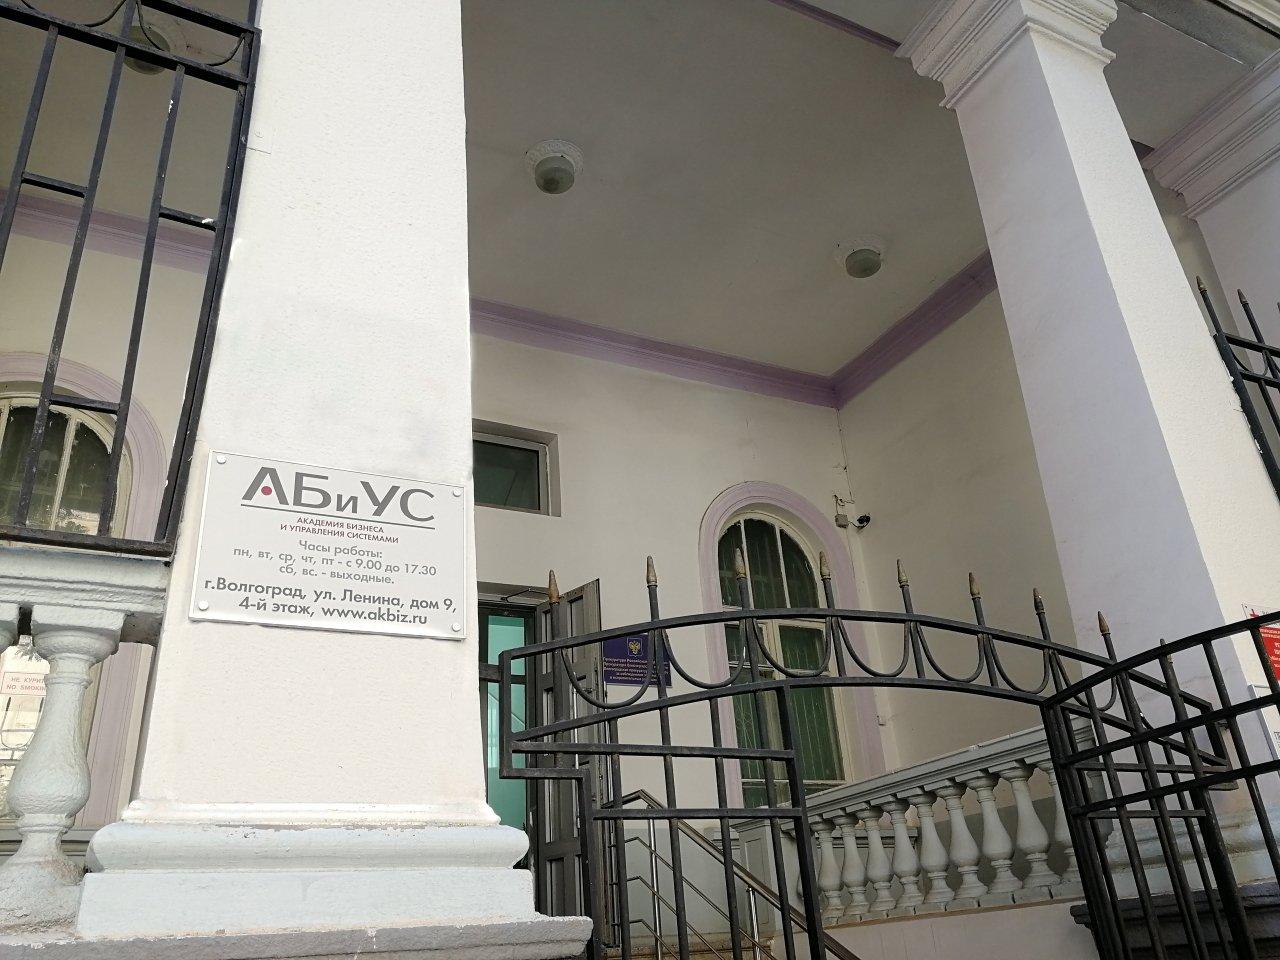 Академия бизнеса и управления системами: ЧОУ ДПО «АБиУС». Адрес и телефон.